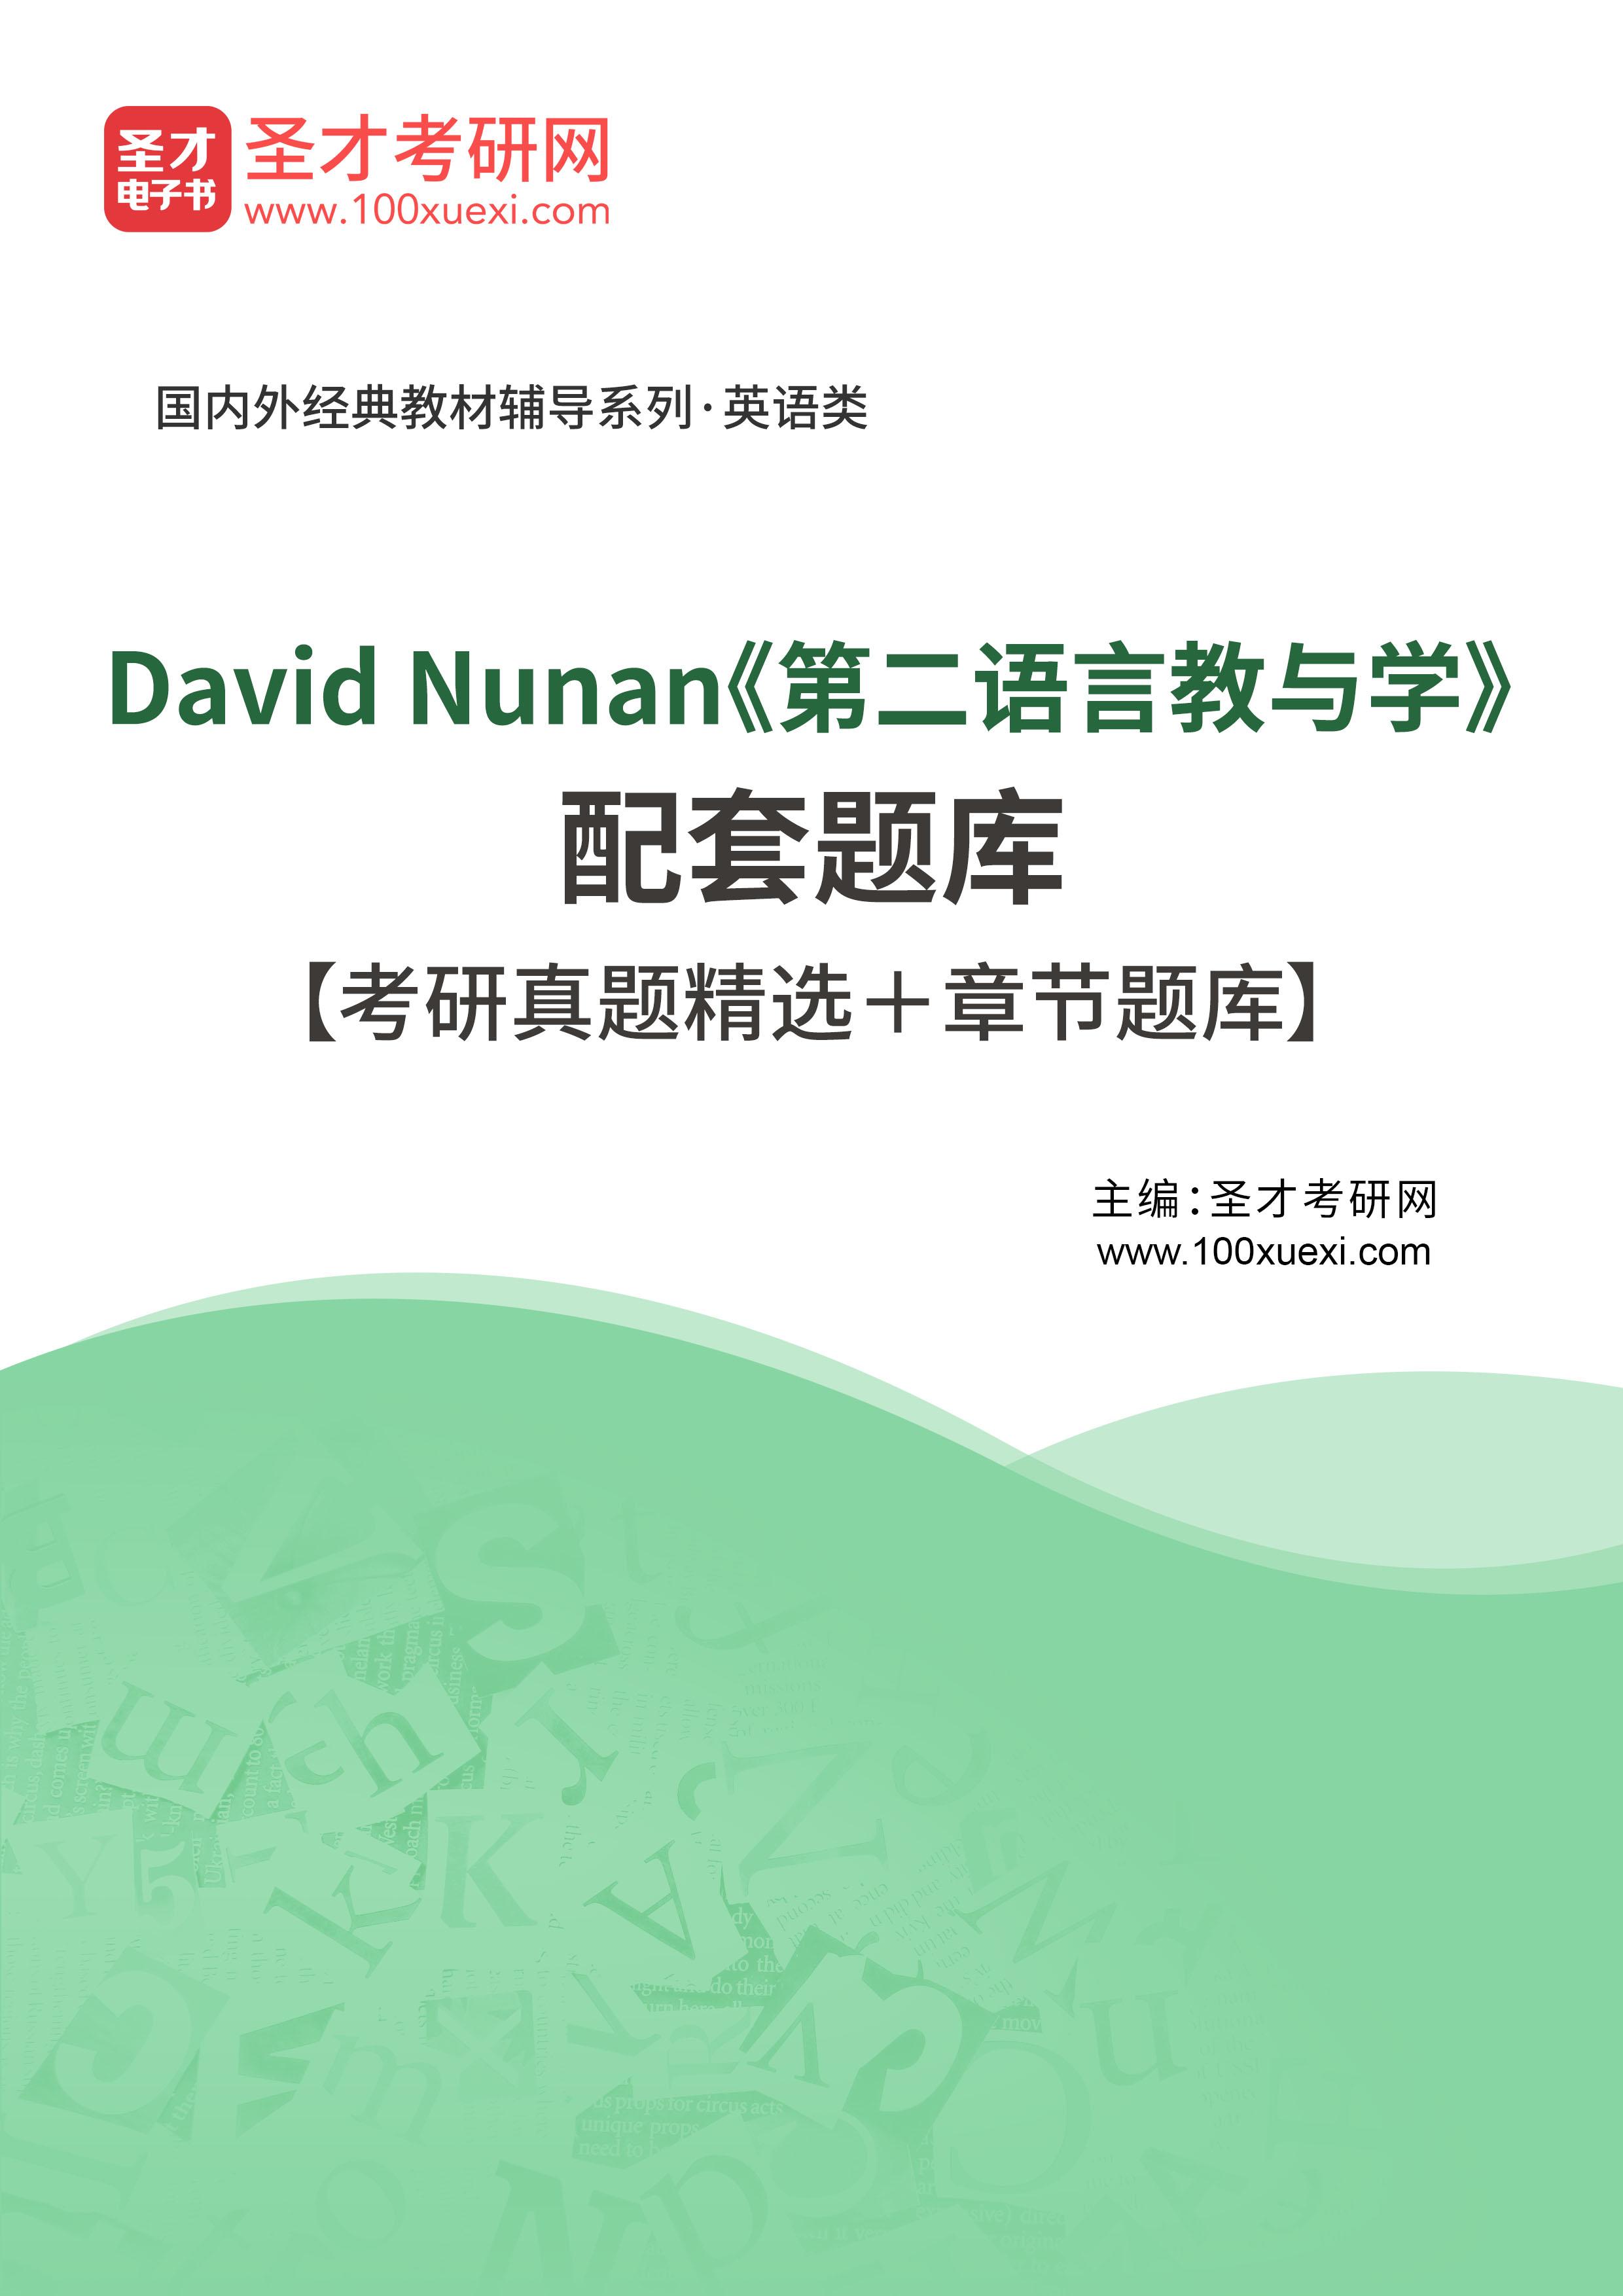 David Nunan《第二语言教与学》配套题库【考研真题精选+章节题库】